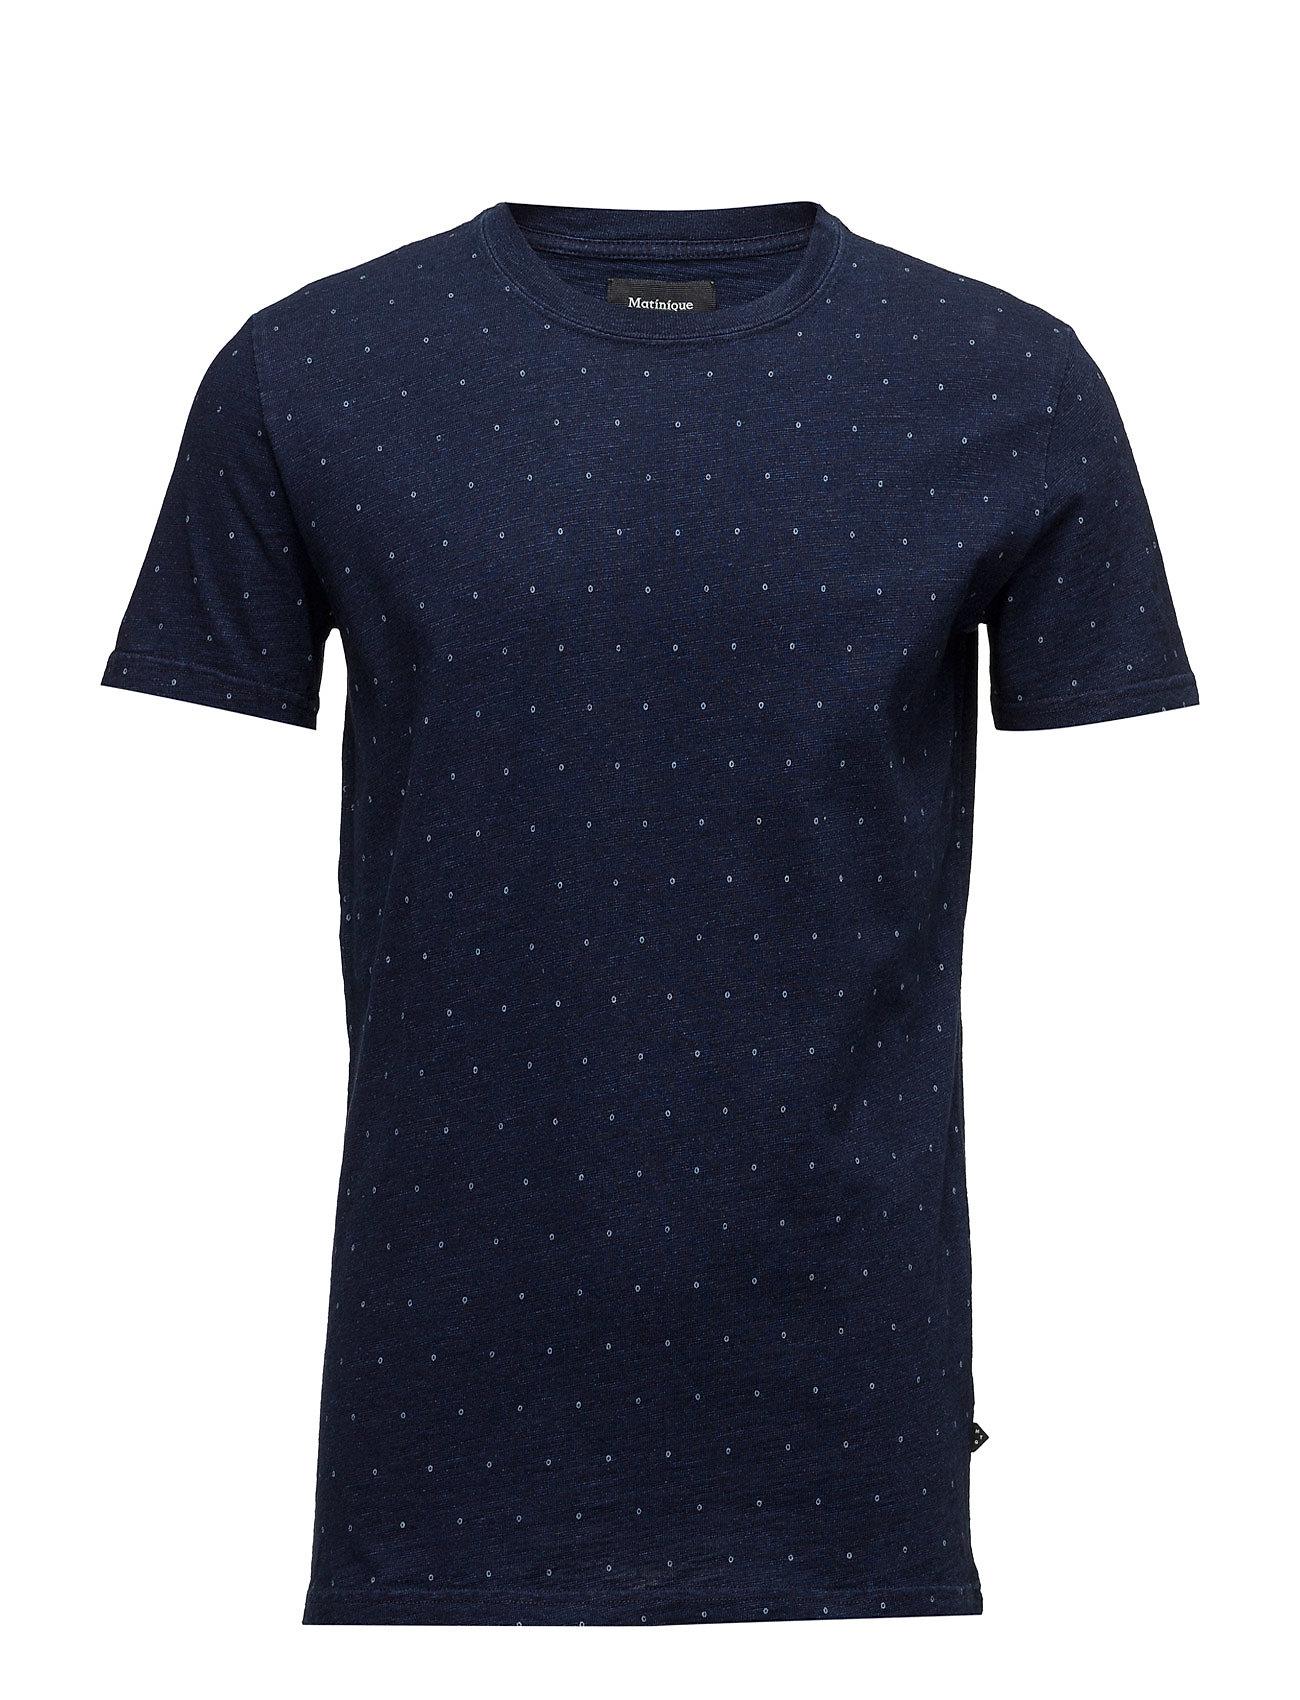 Clive Indego Print Matinique T-shirts til Mænd i Mørk Denim